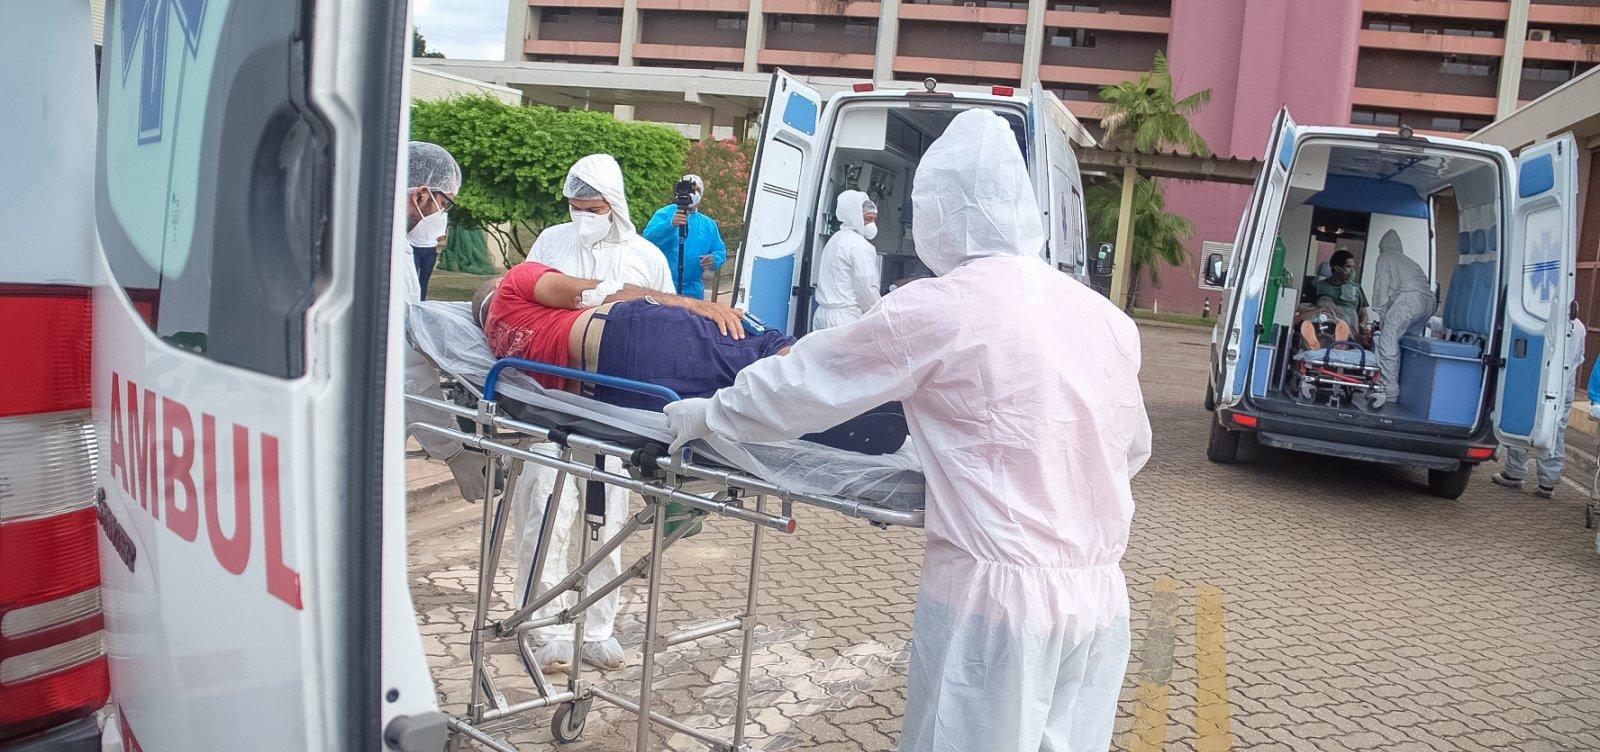 [Ocupação de UTIs supera 100% no Rio Grande do Sul]